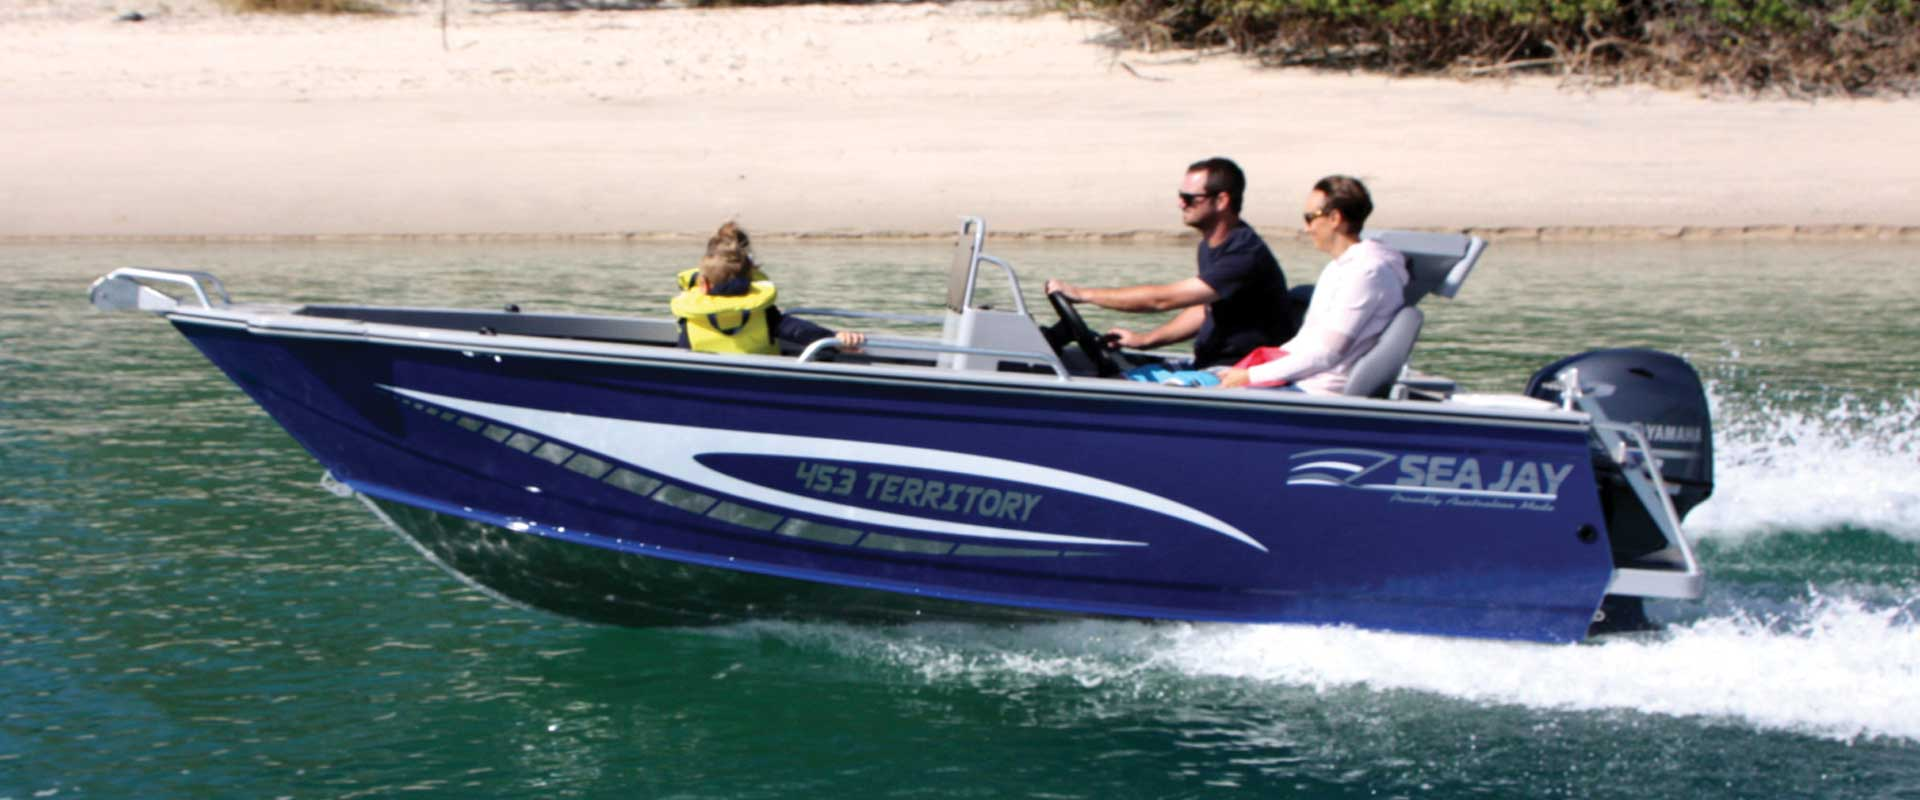 Sea Jay Territory 453